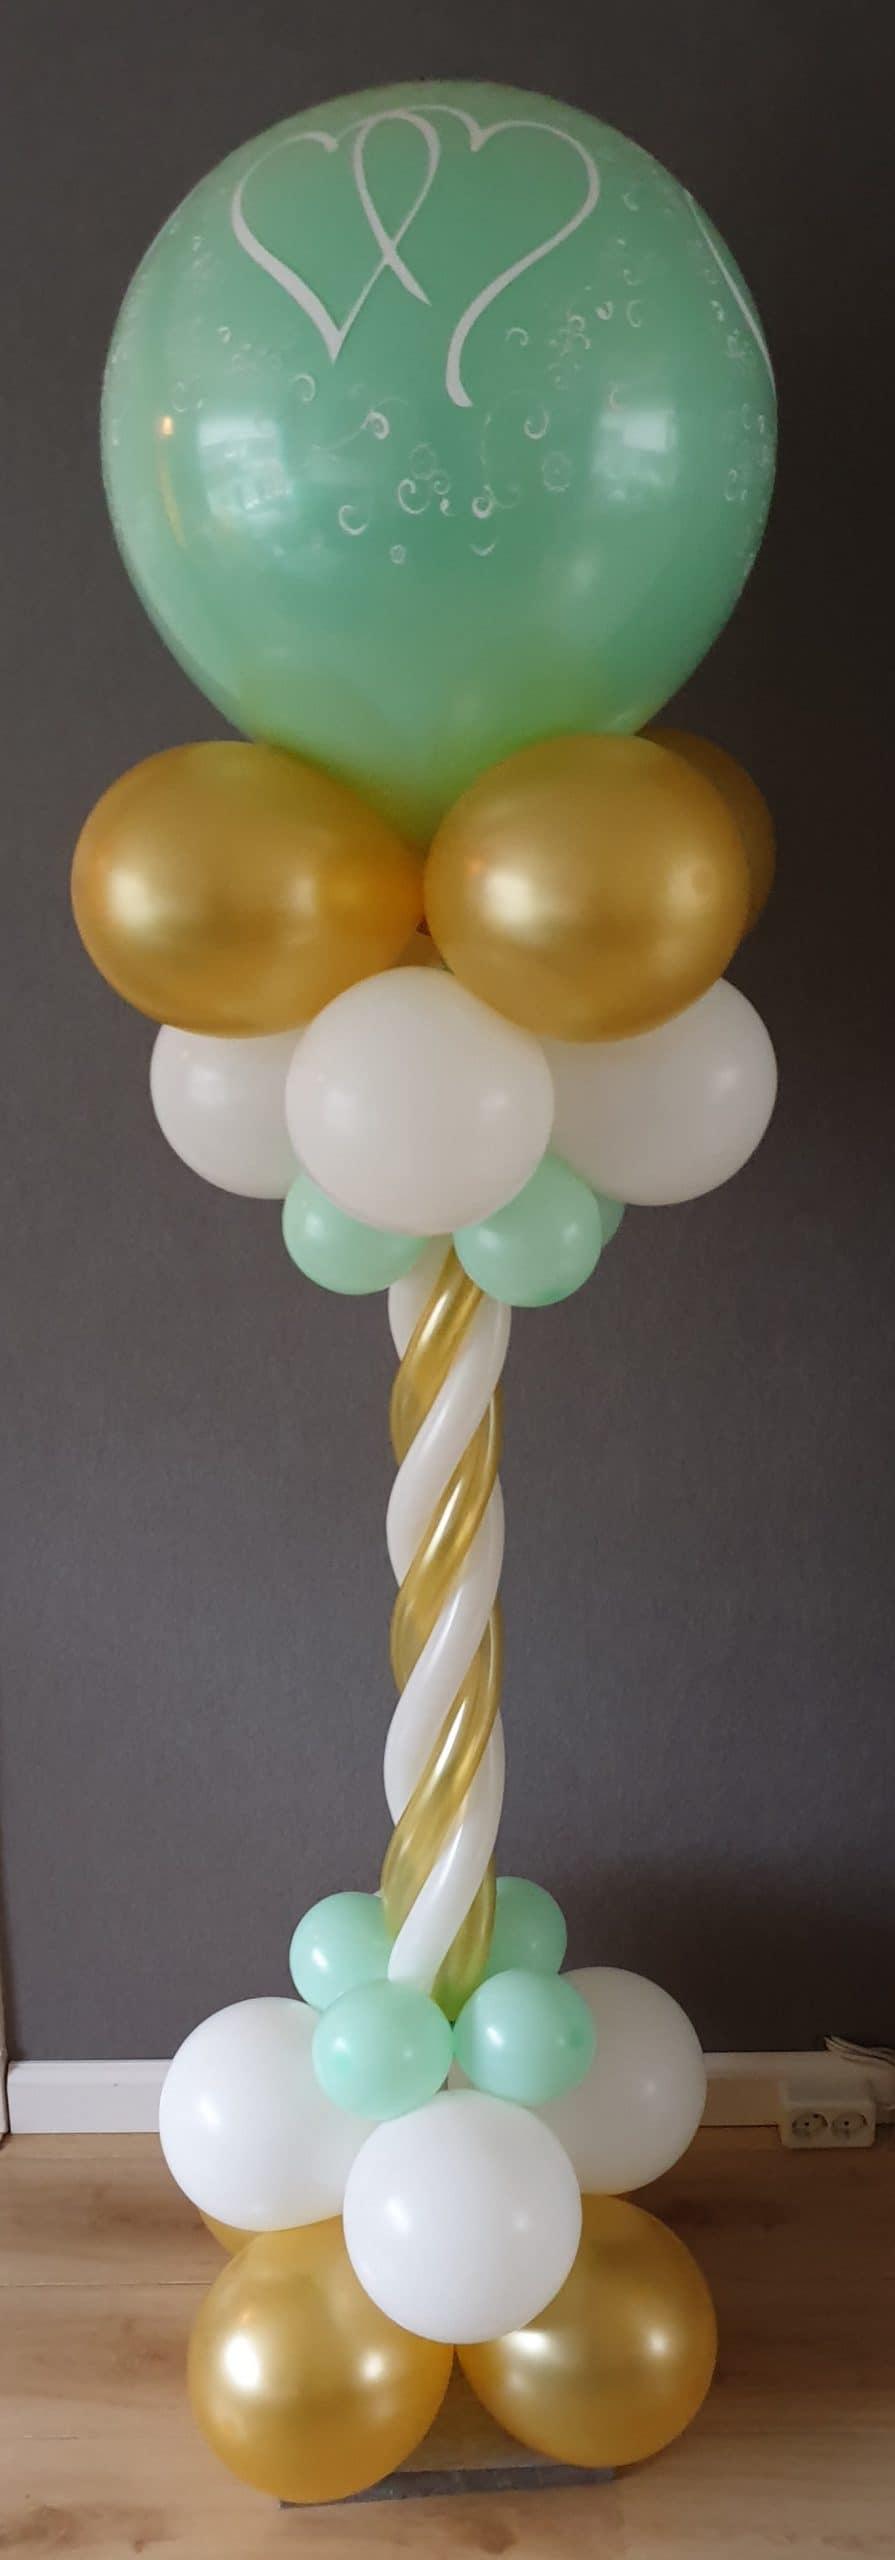 boondesigns ballondecoratie ballonpilaar twist